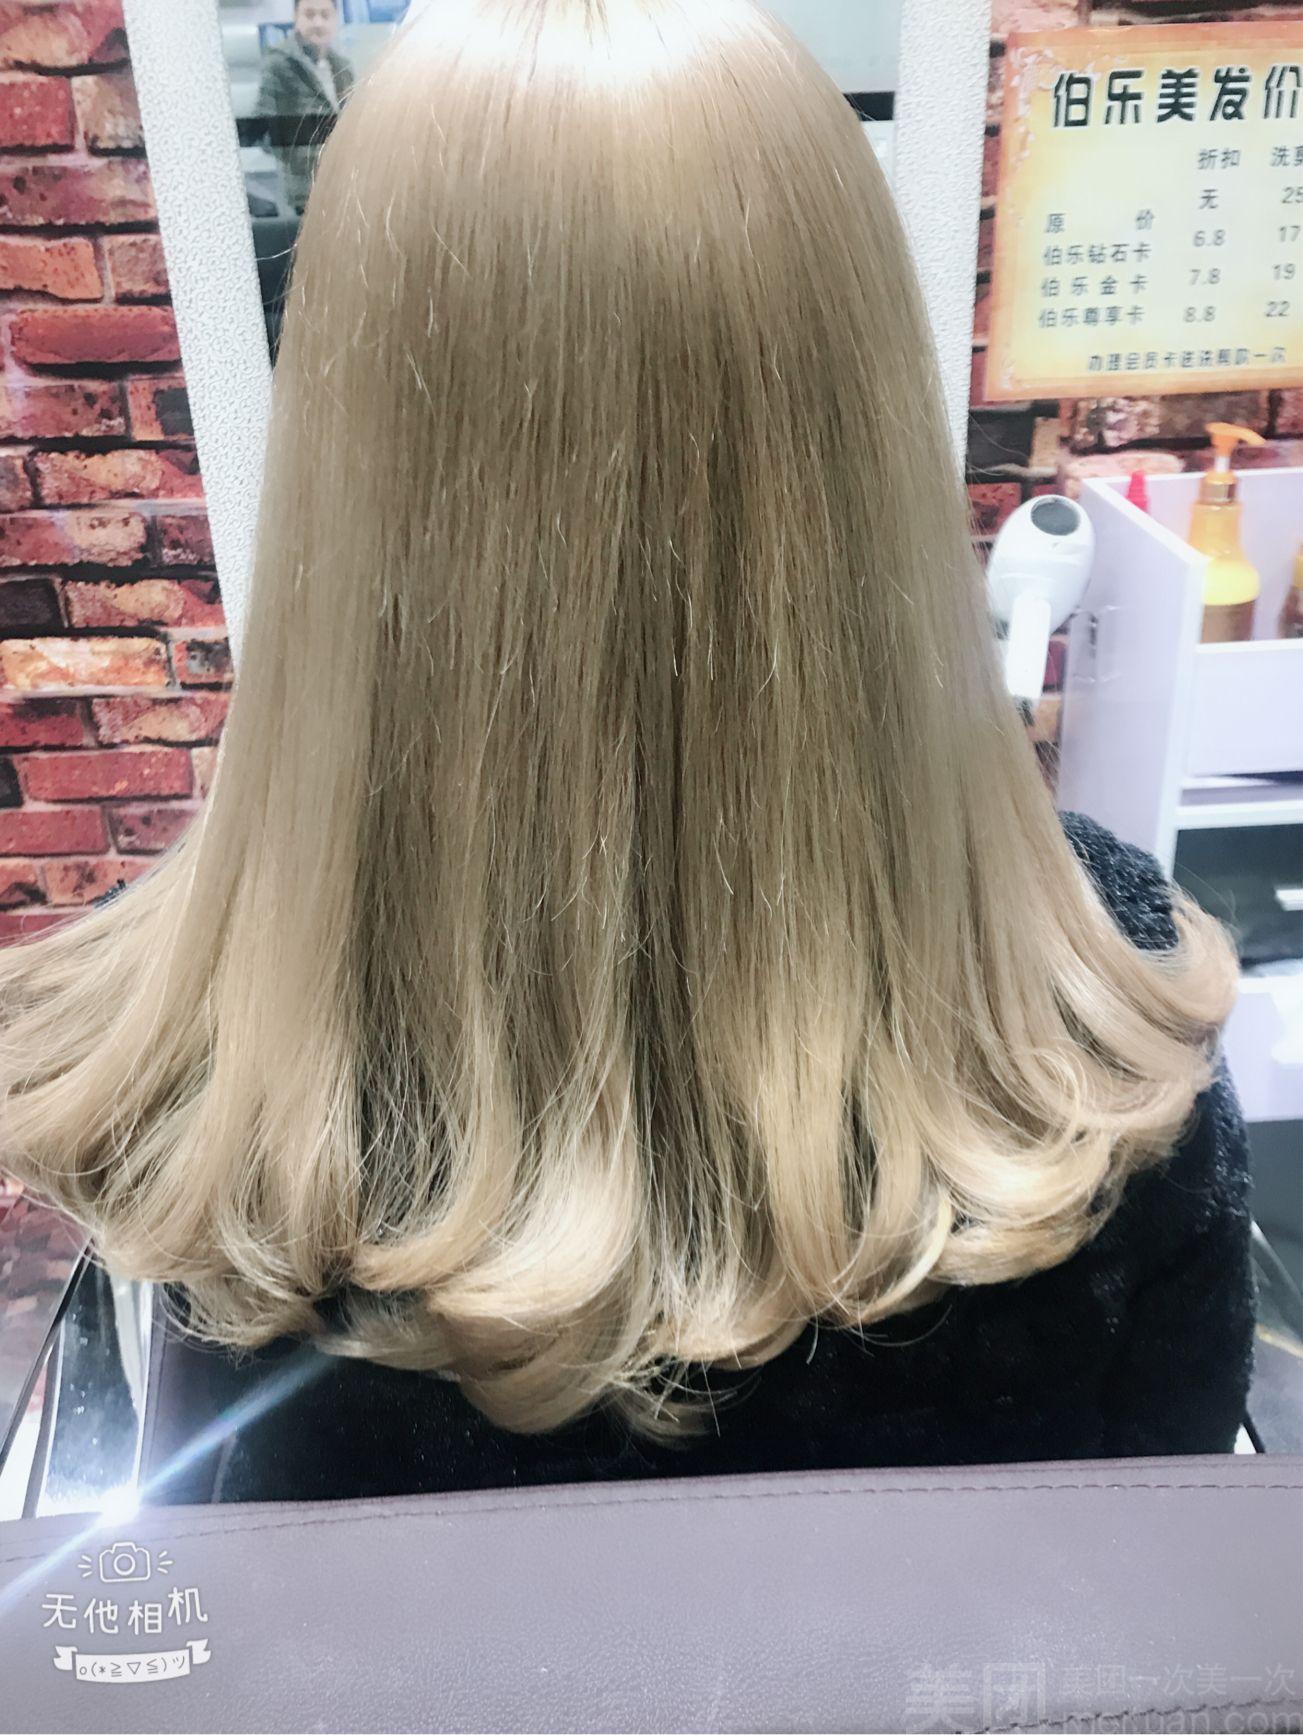 大安区 伯乐发型设计形象店   购买须知 有效期 2017-10-25至2018-11